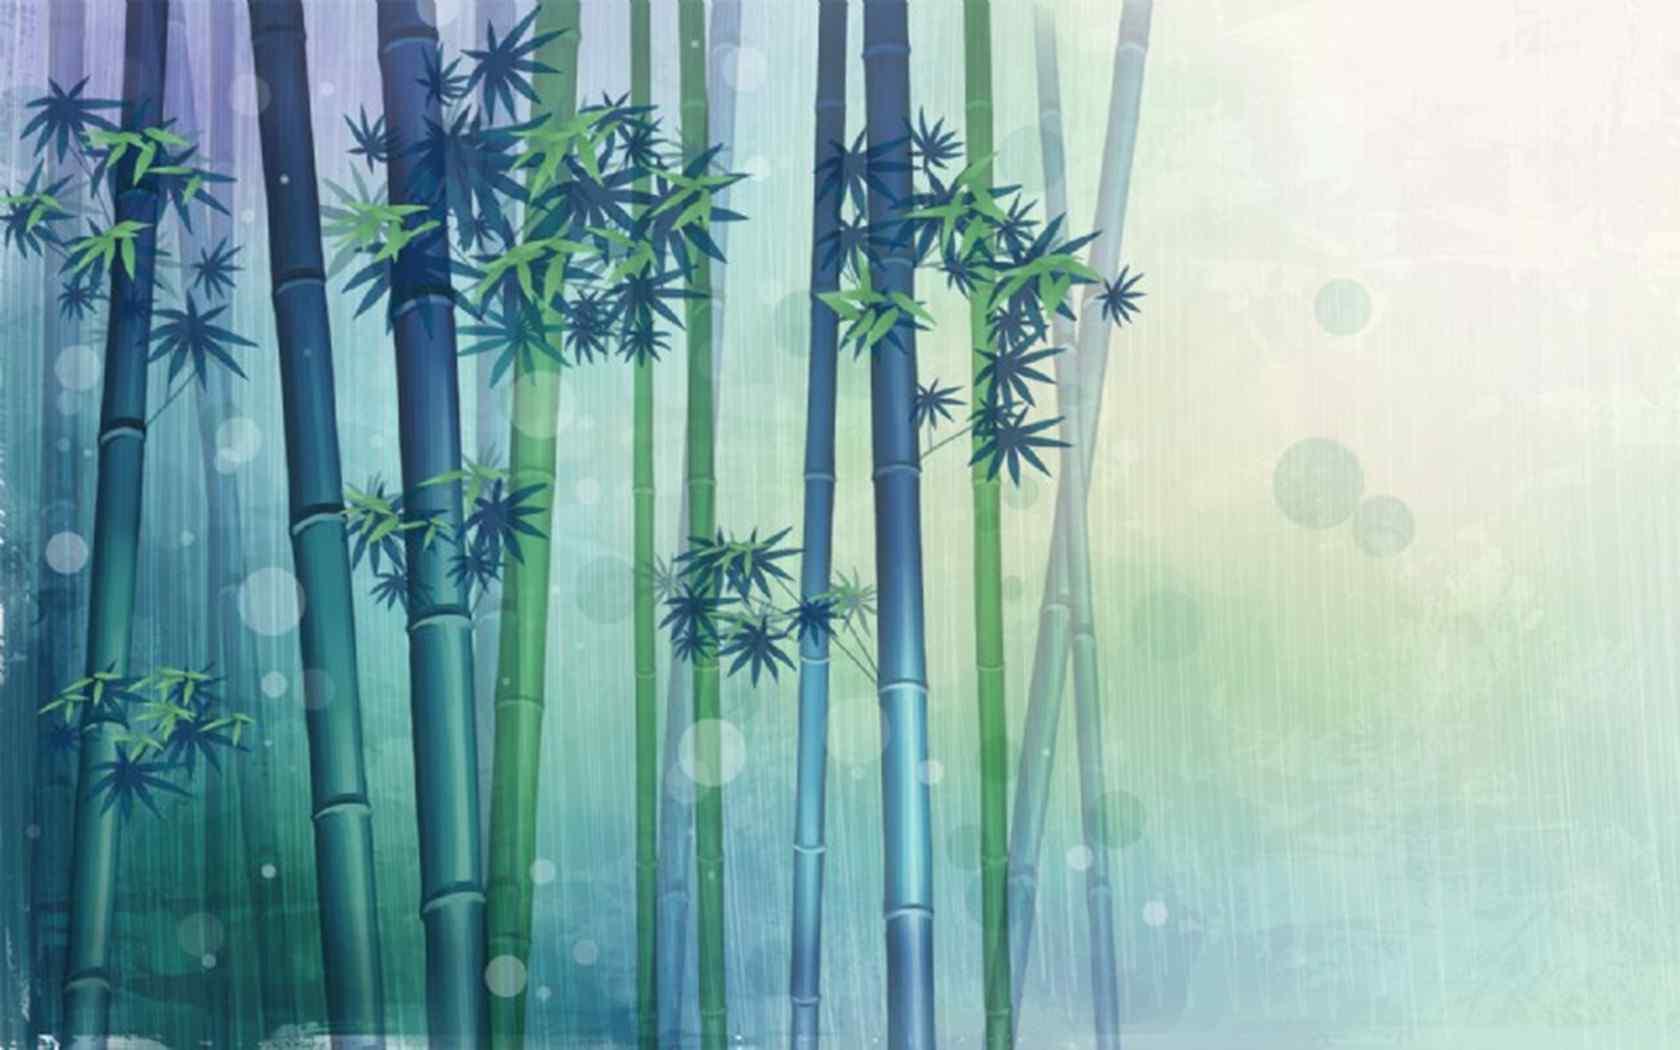 幽静竹林壁纸